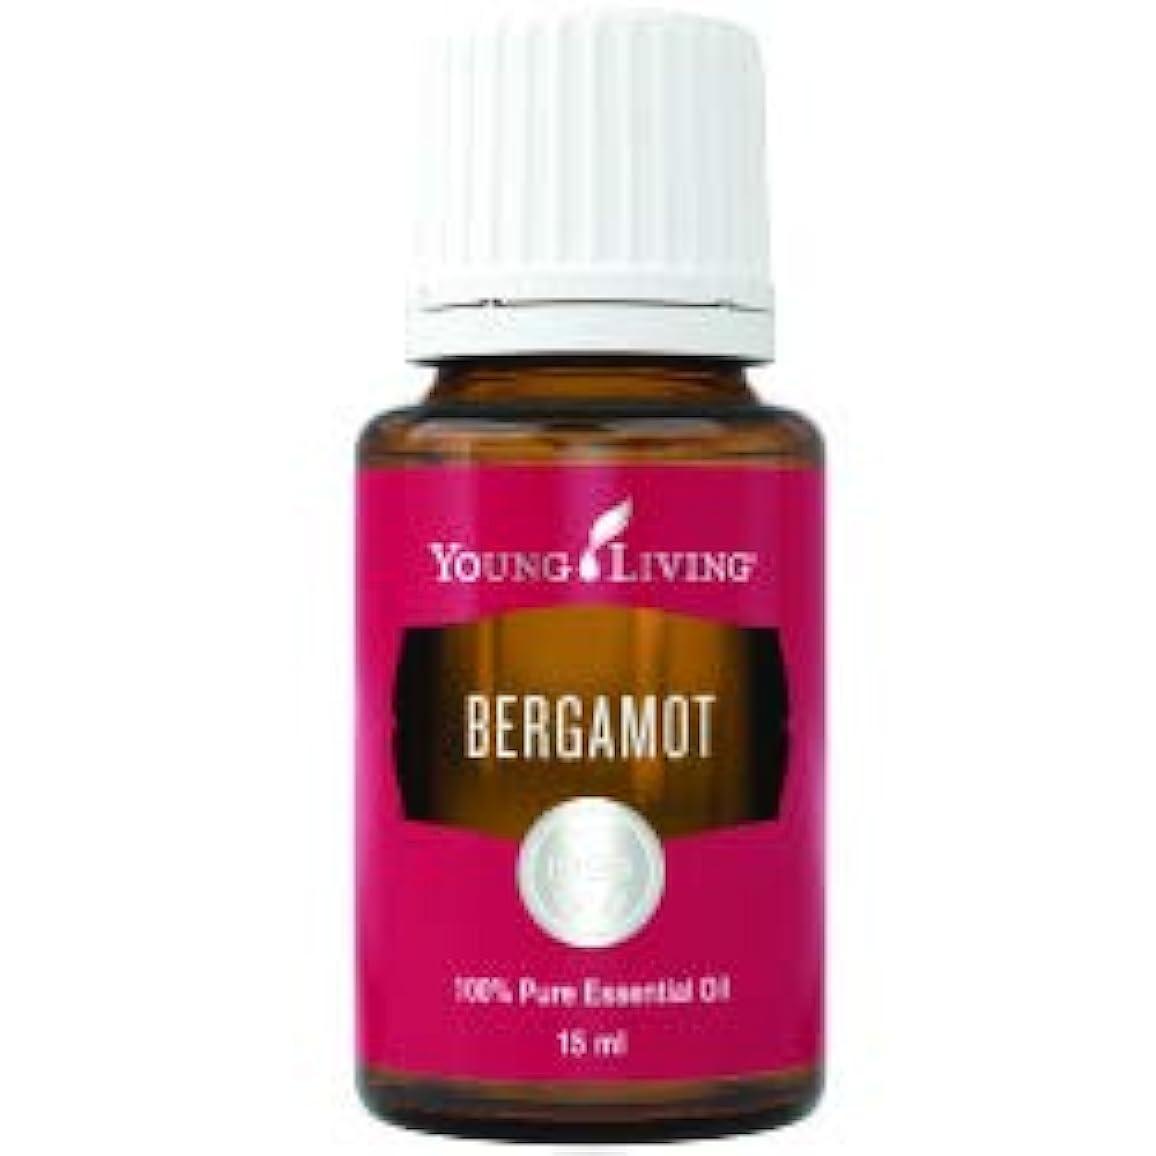 フリース信頼性海藻ヤングリビングマレーシアのベルガモットエッセンシャルオイル15 ml Bergamot Essential Oil 15 ml by Young Living Malaysia